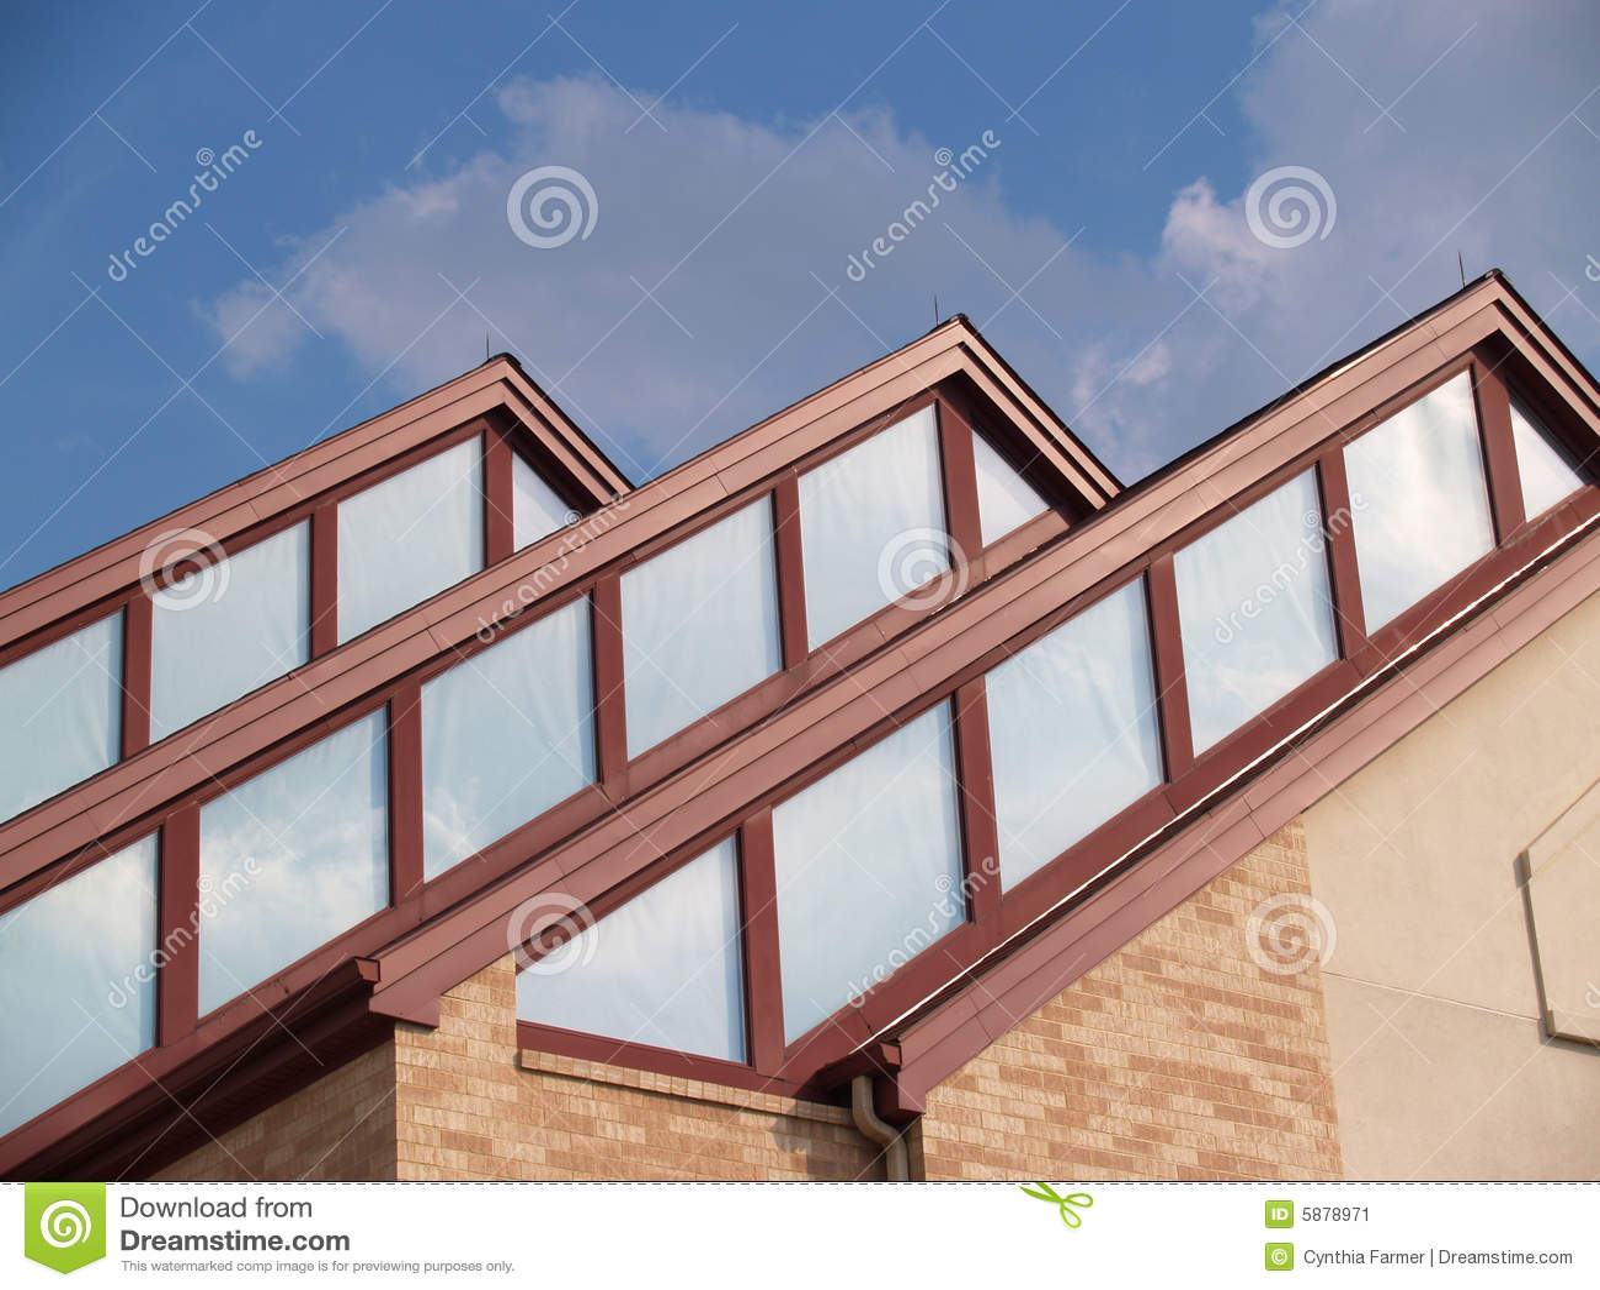 Three Roof Peaks Stock Image Image 5878971